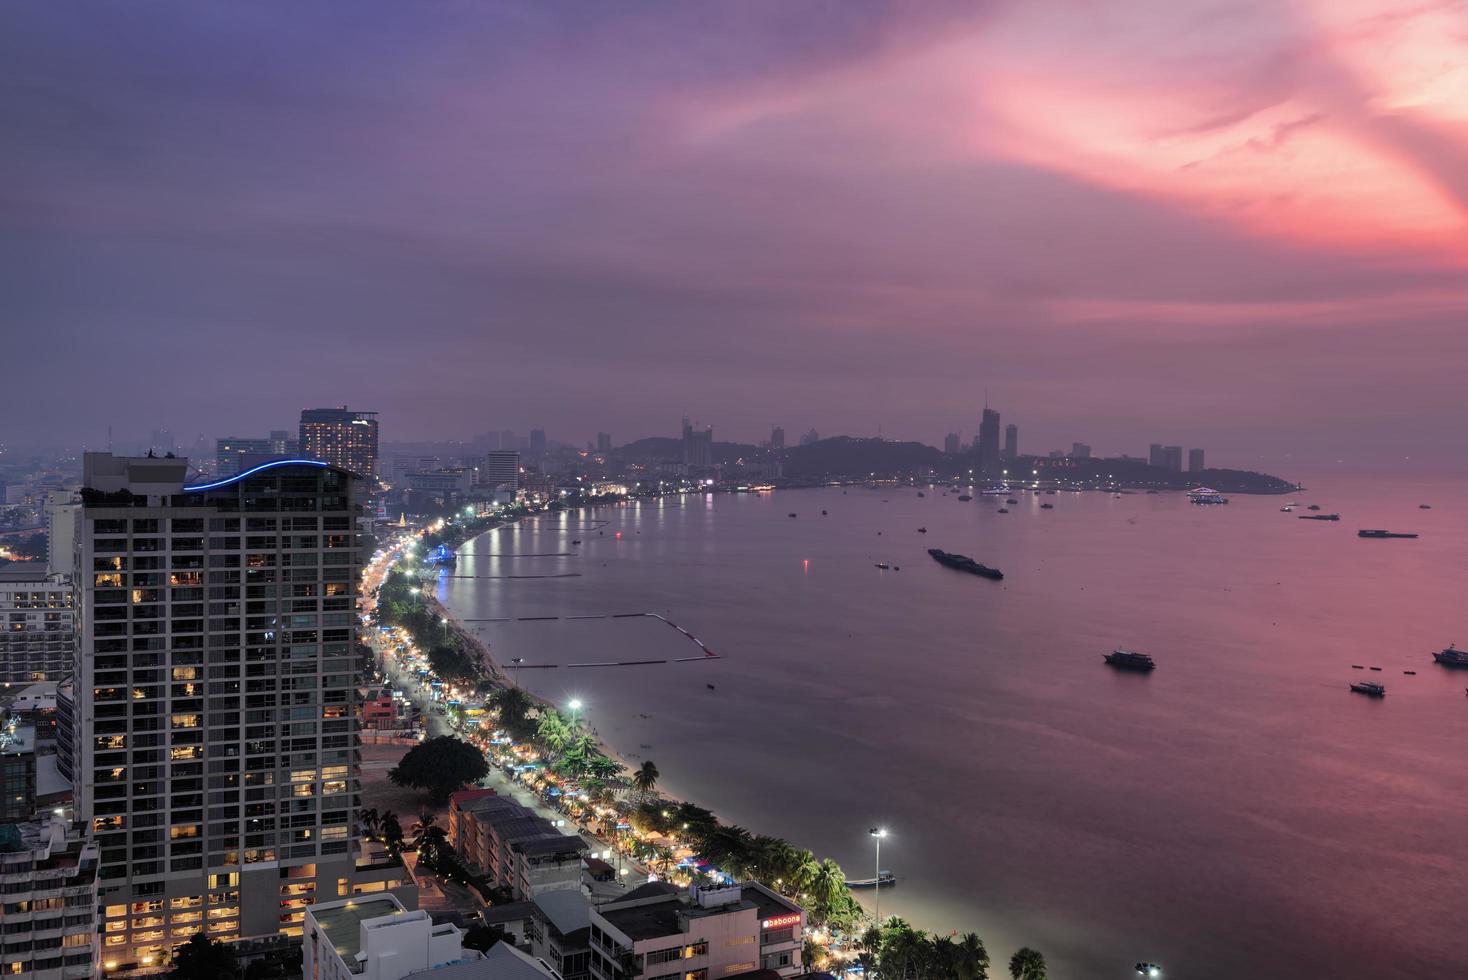 vista dei grattacieli nella città di pattaya, Tailandia al tramonto foto